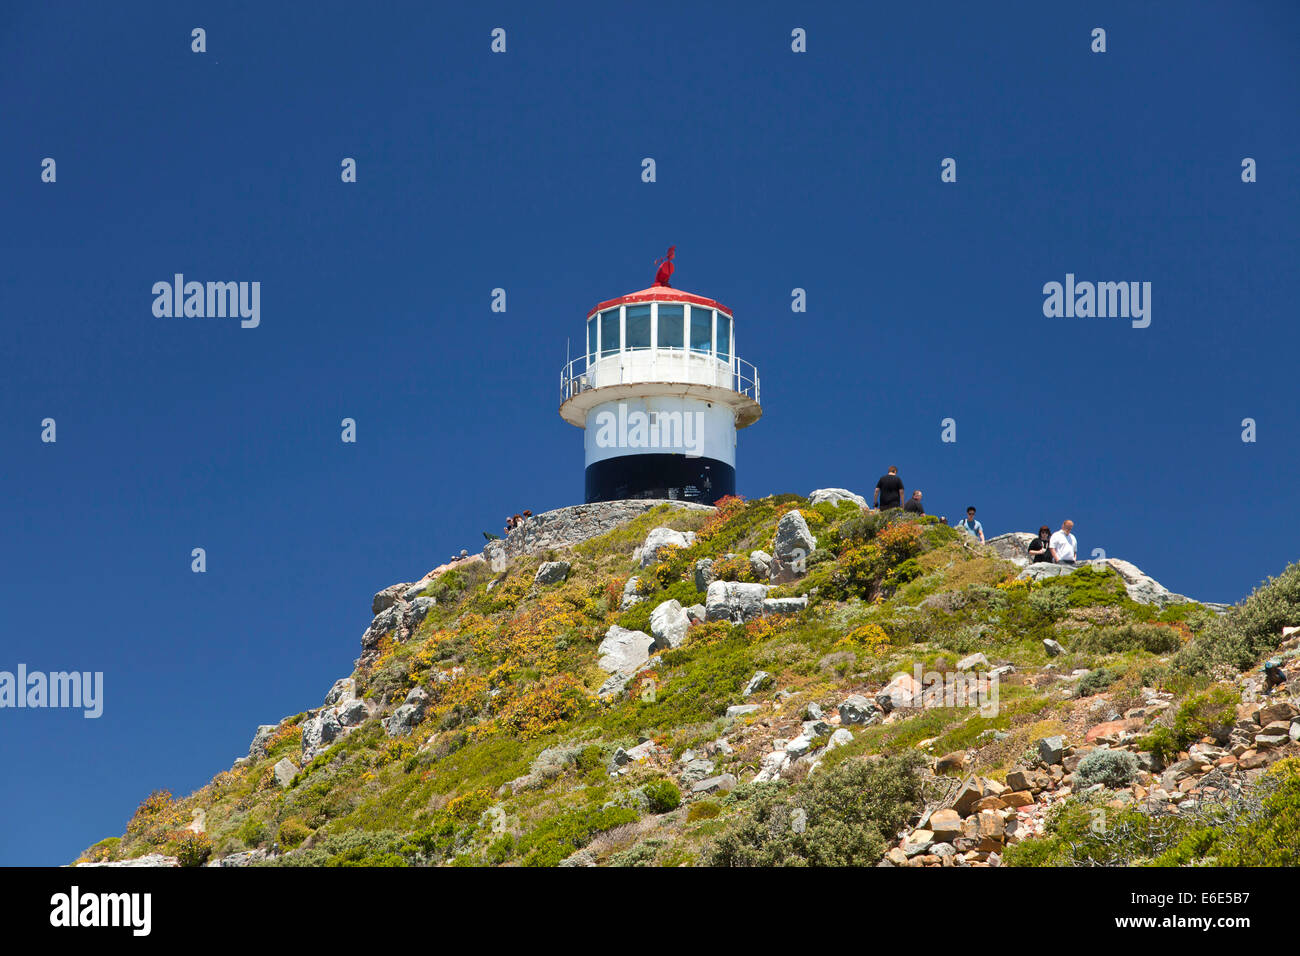 Leuchtturm am Kap der guten Hoffnung, Cape Town, Western Cape, Südafrika Stockbild